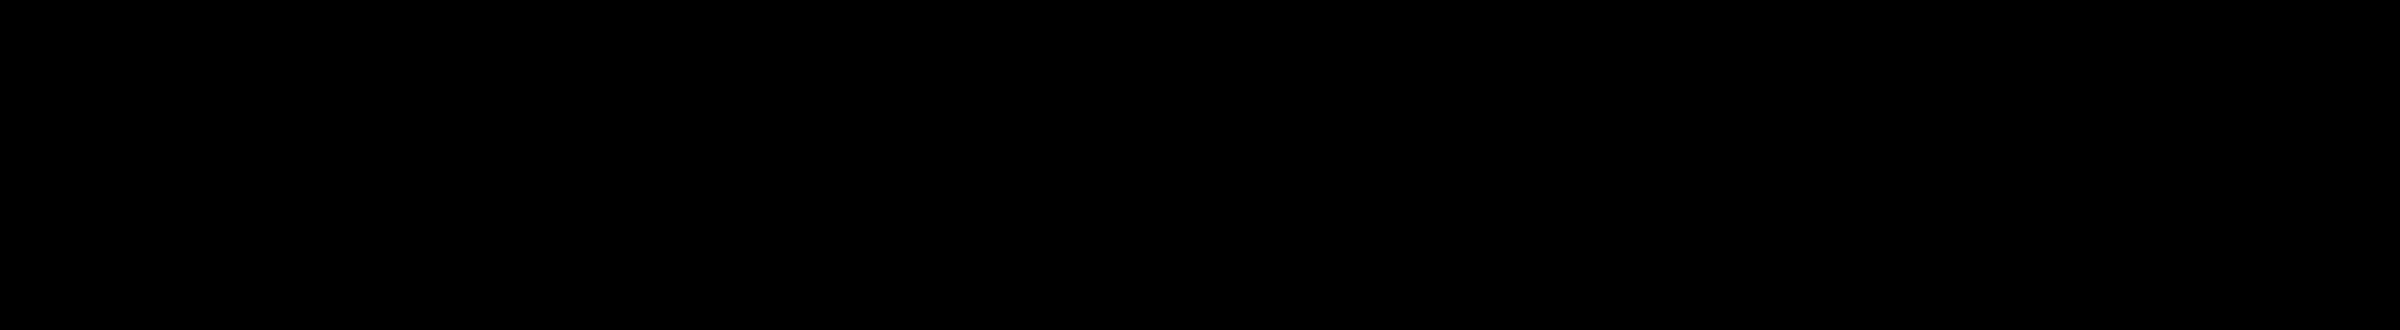 Converse clipart vector. Logo png transparent svg